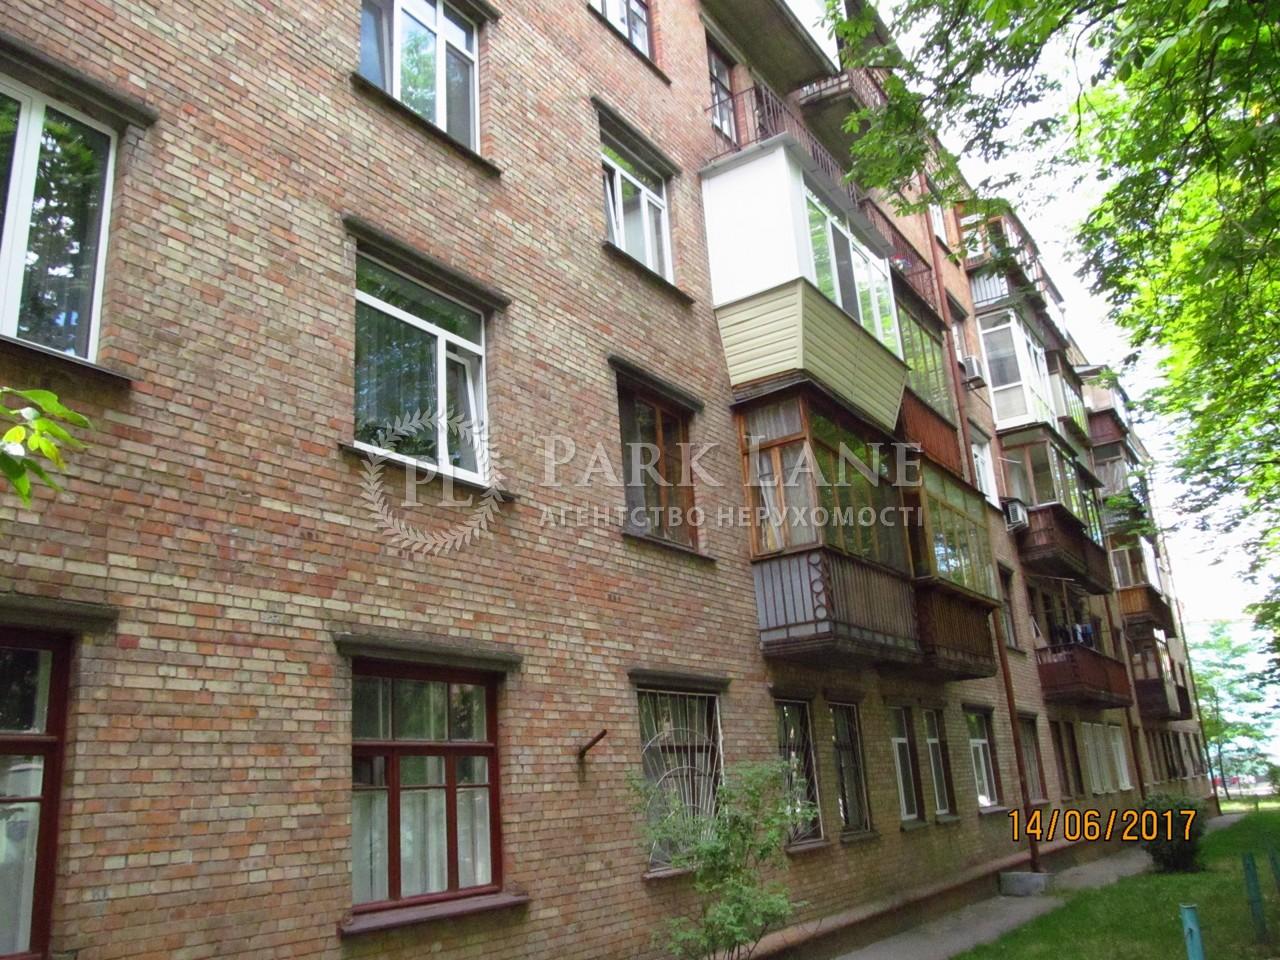 Квартира ул. Мартиросяна, 13, Киев, R-27987 - Фото 1